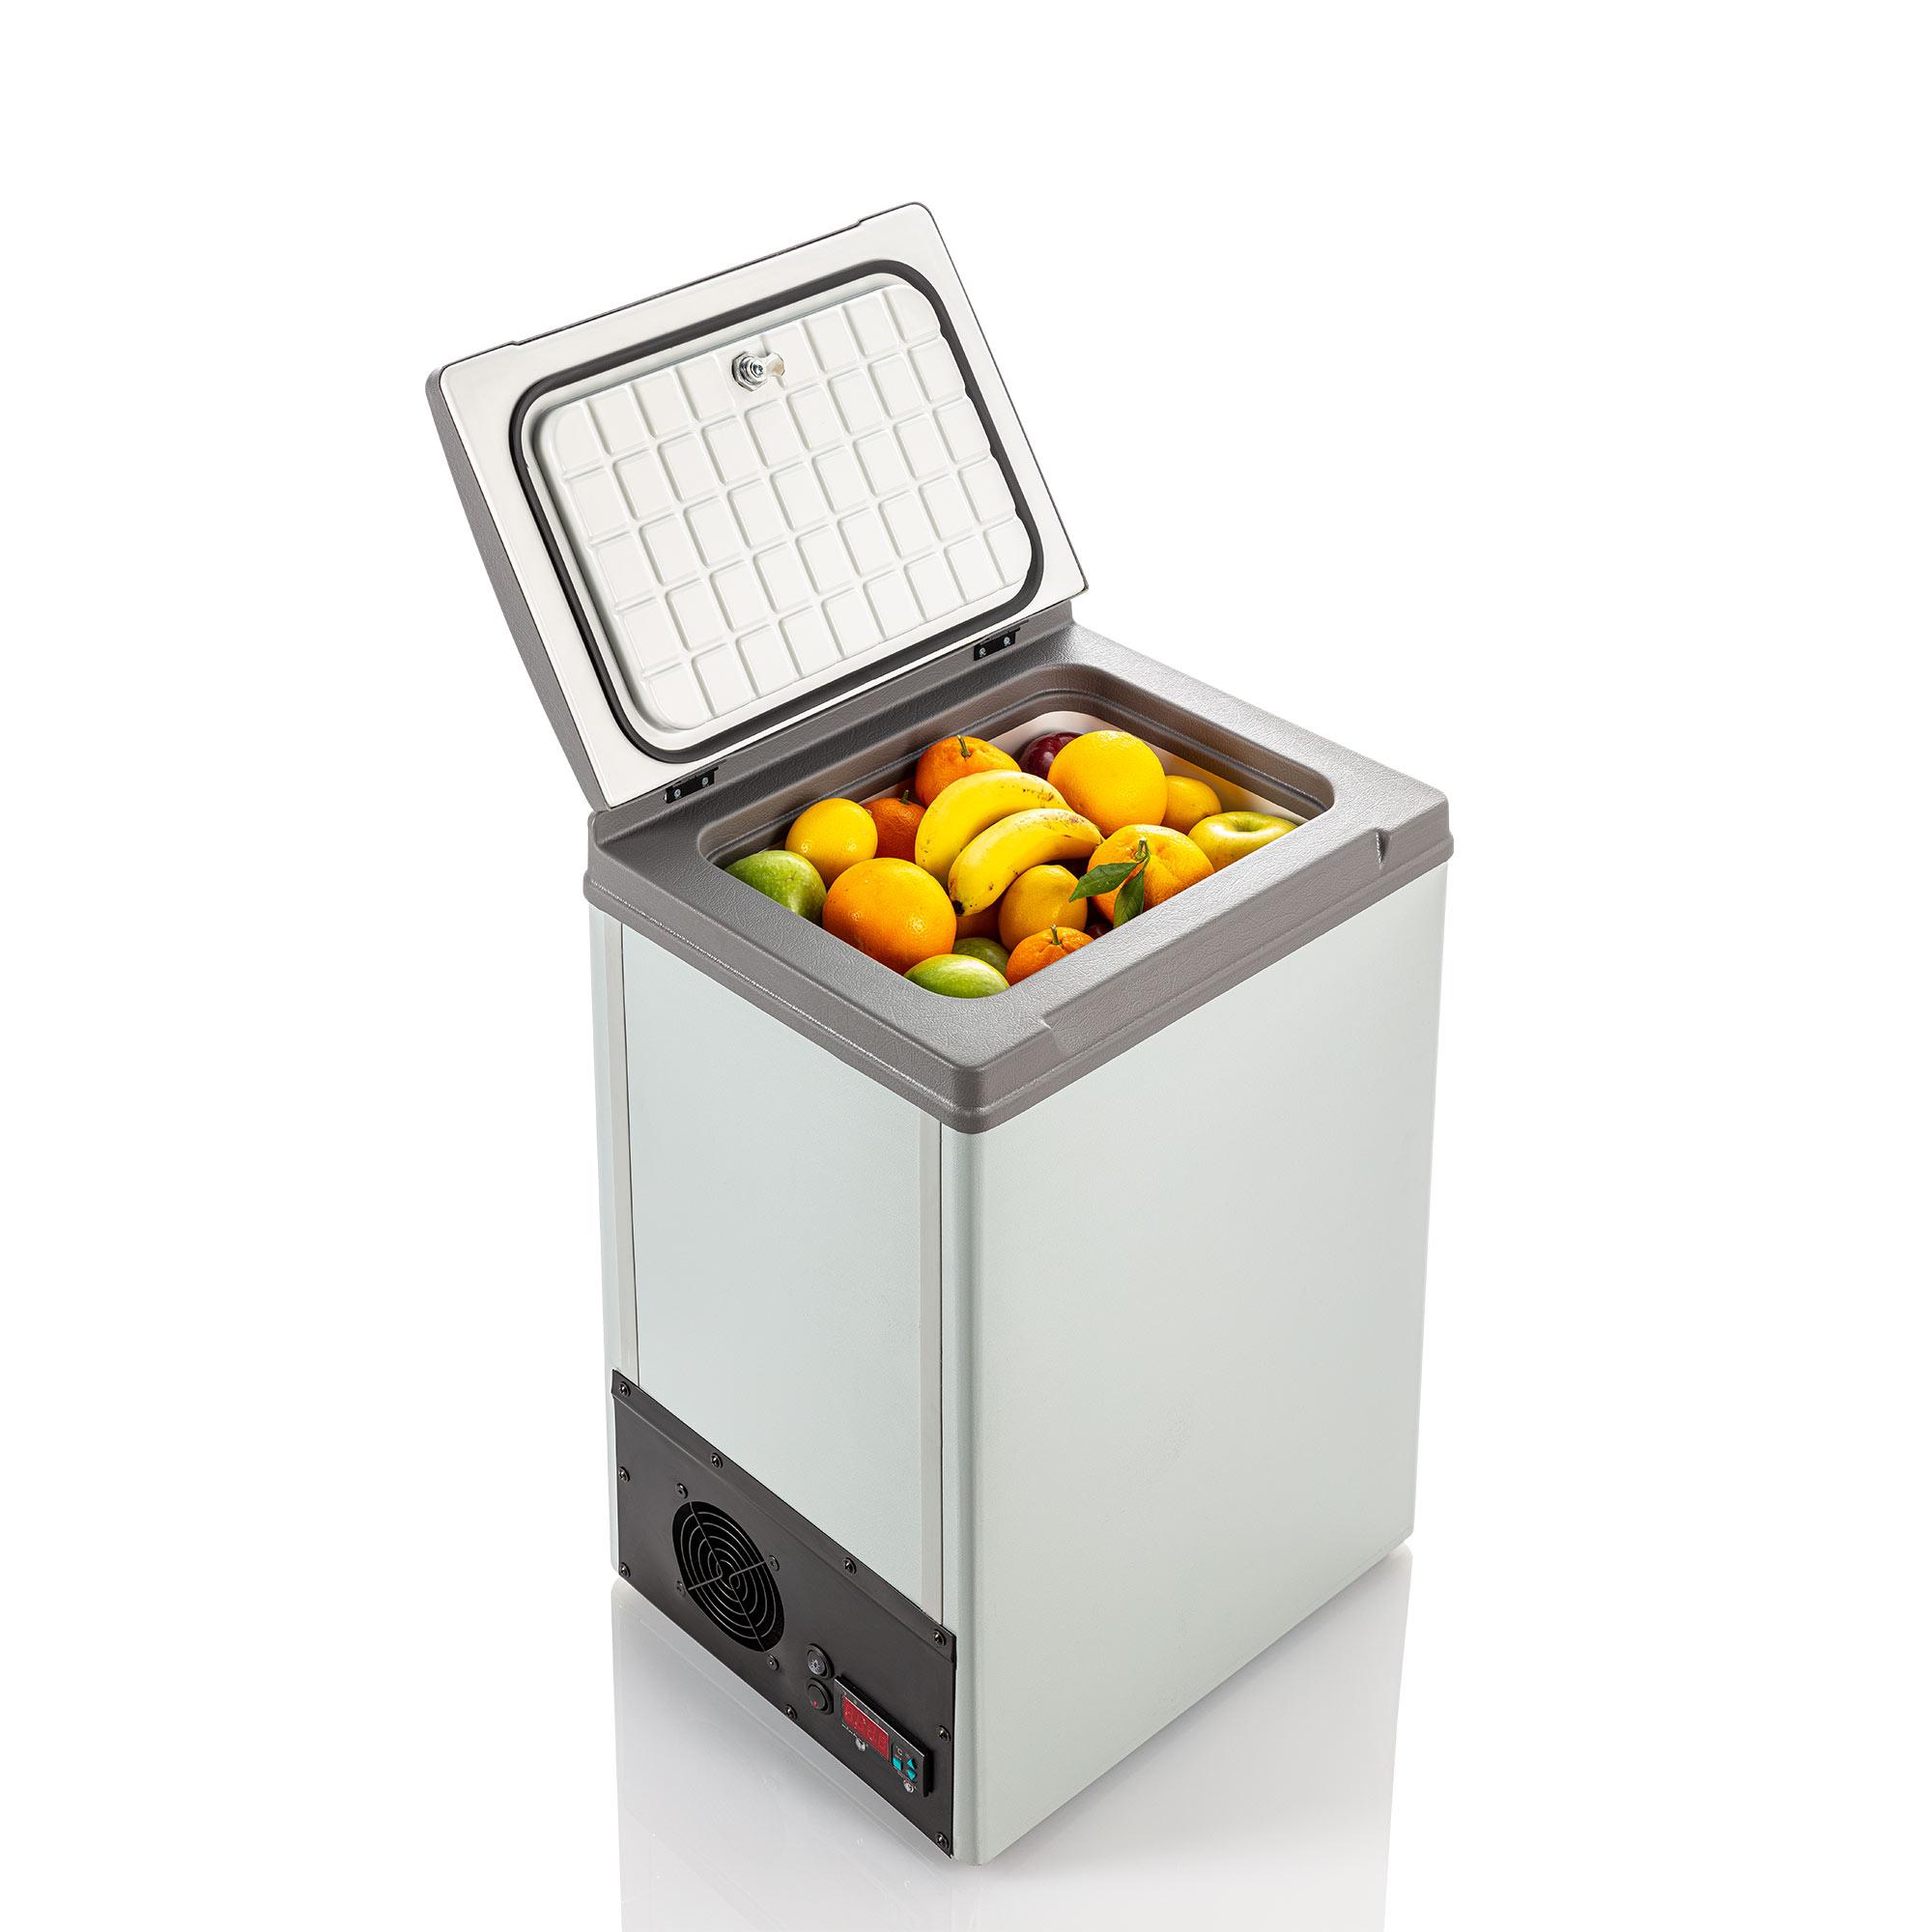 MEC 3258 28 LT Soğutucu Araç Buzdolabı